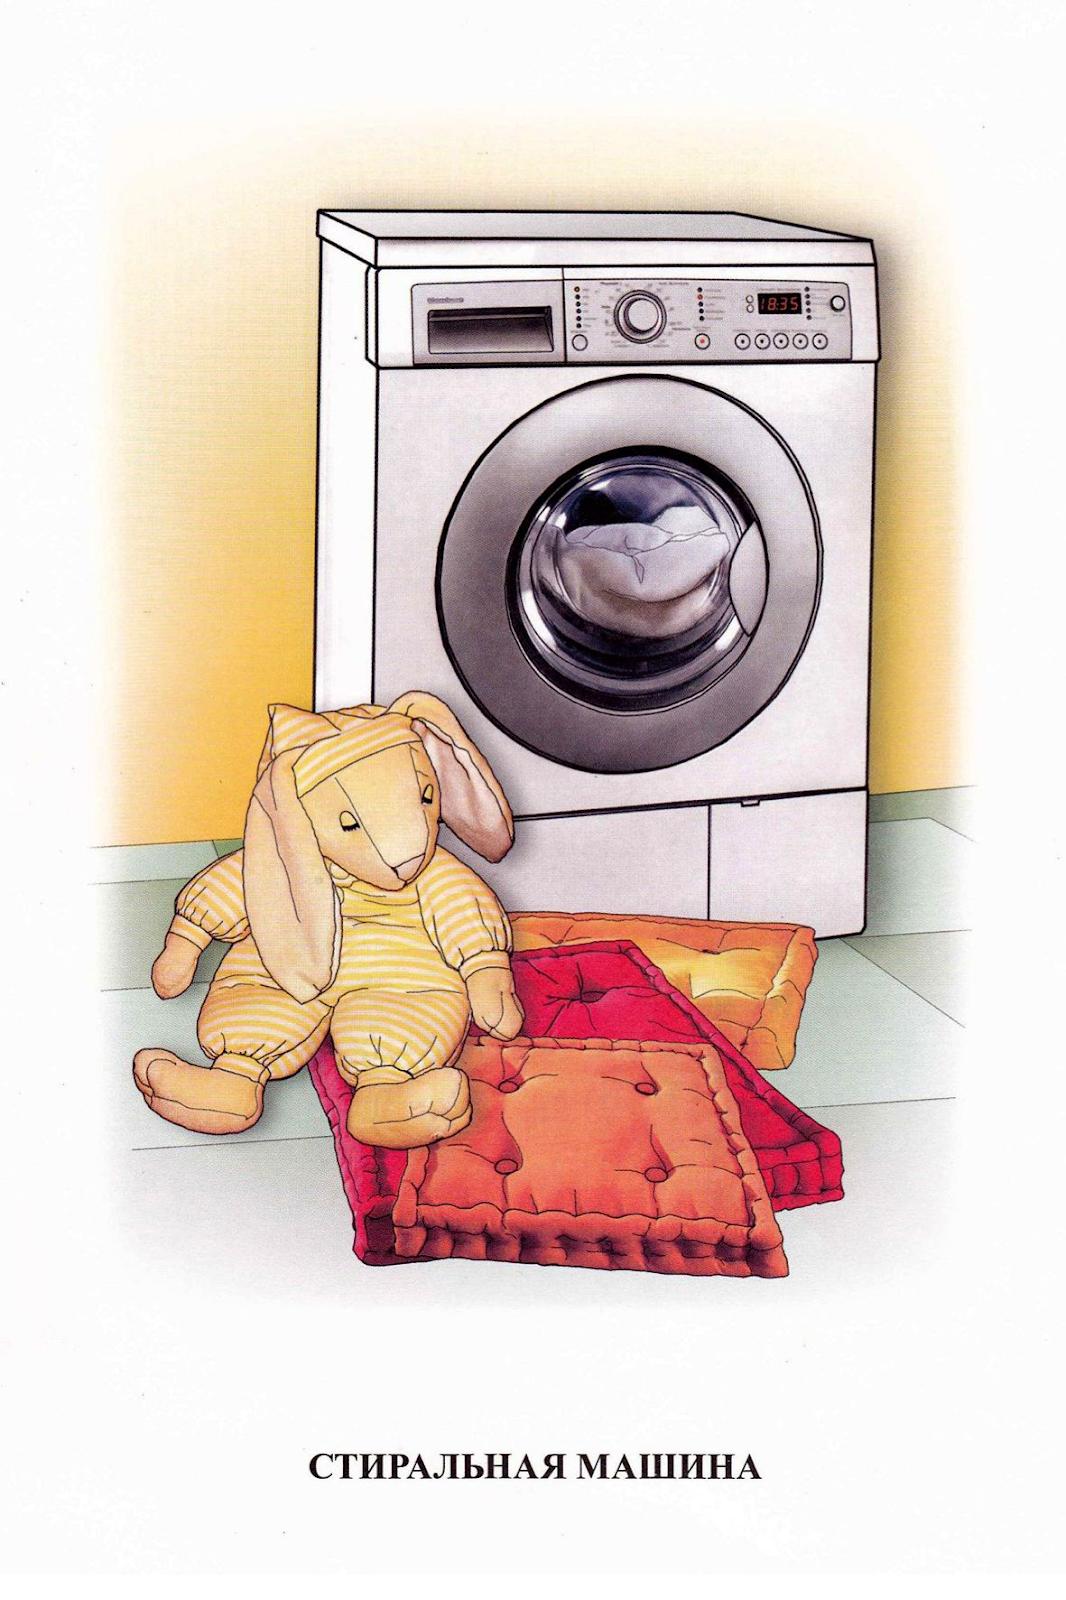 верблюд самое картинки стиральные машины все серии подряд драконы